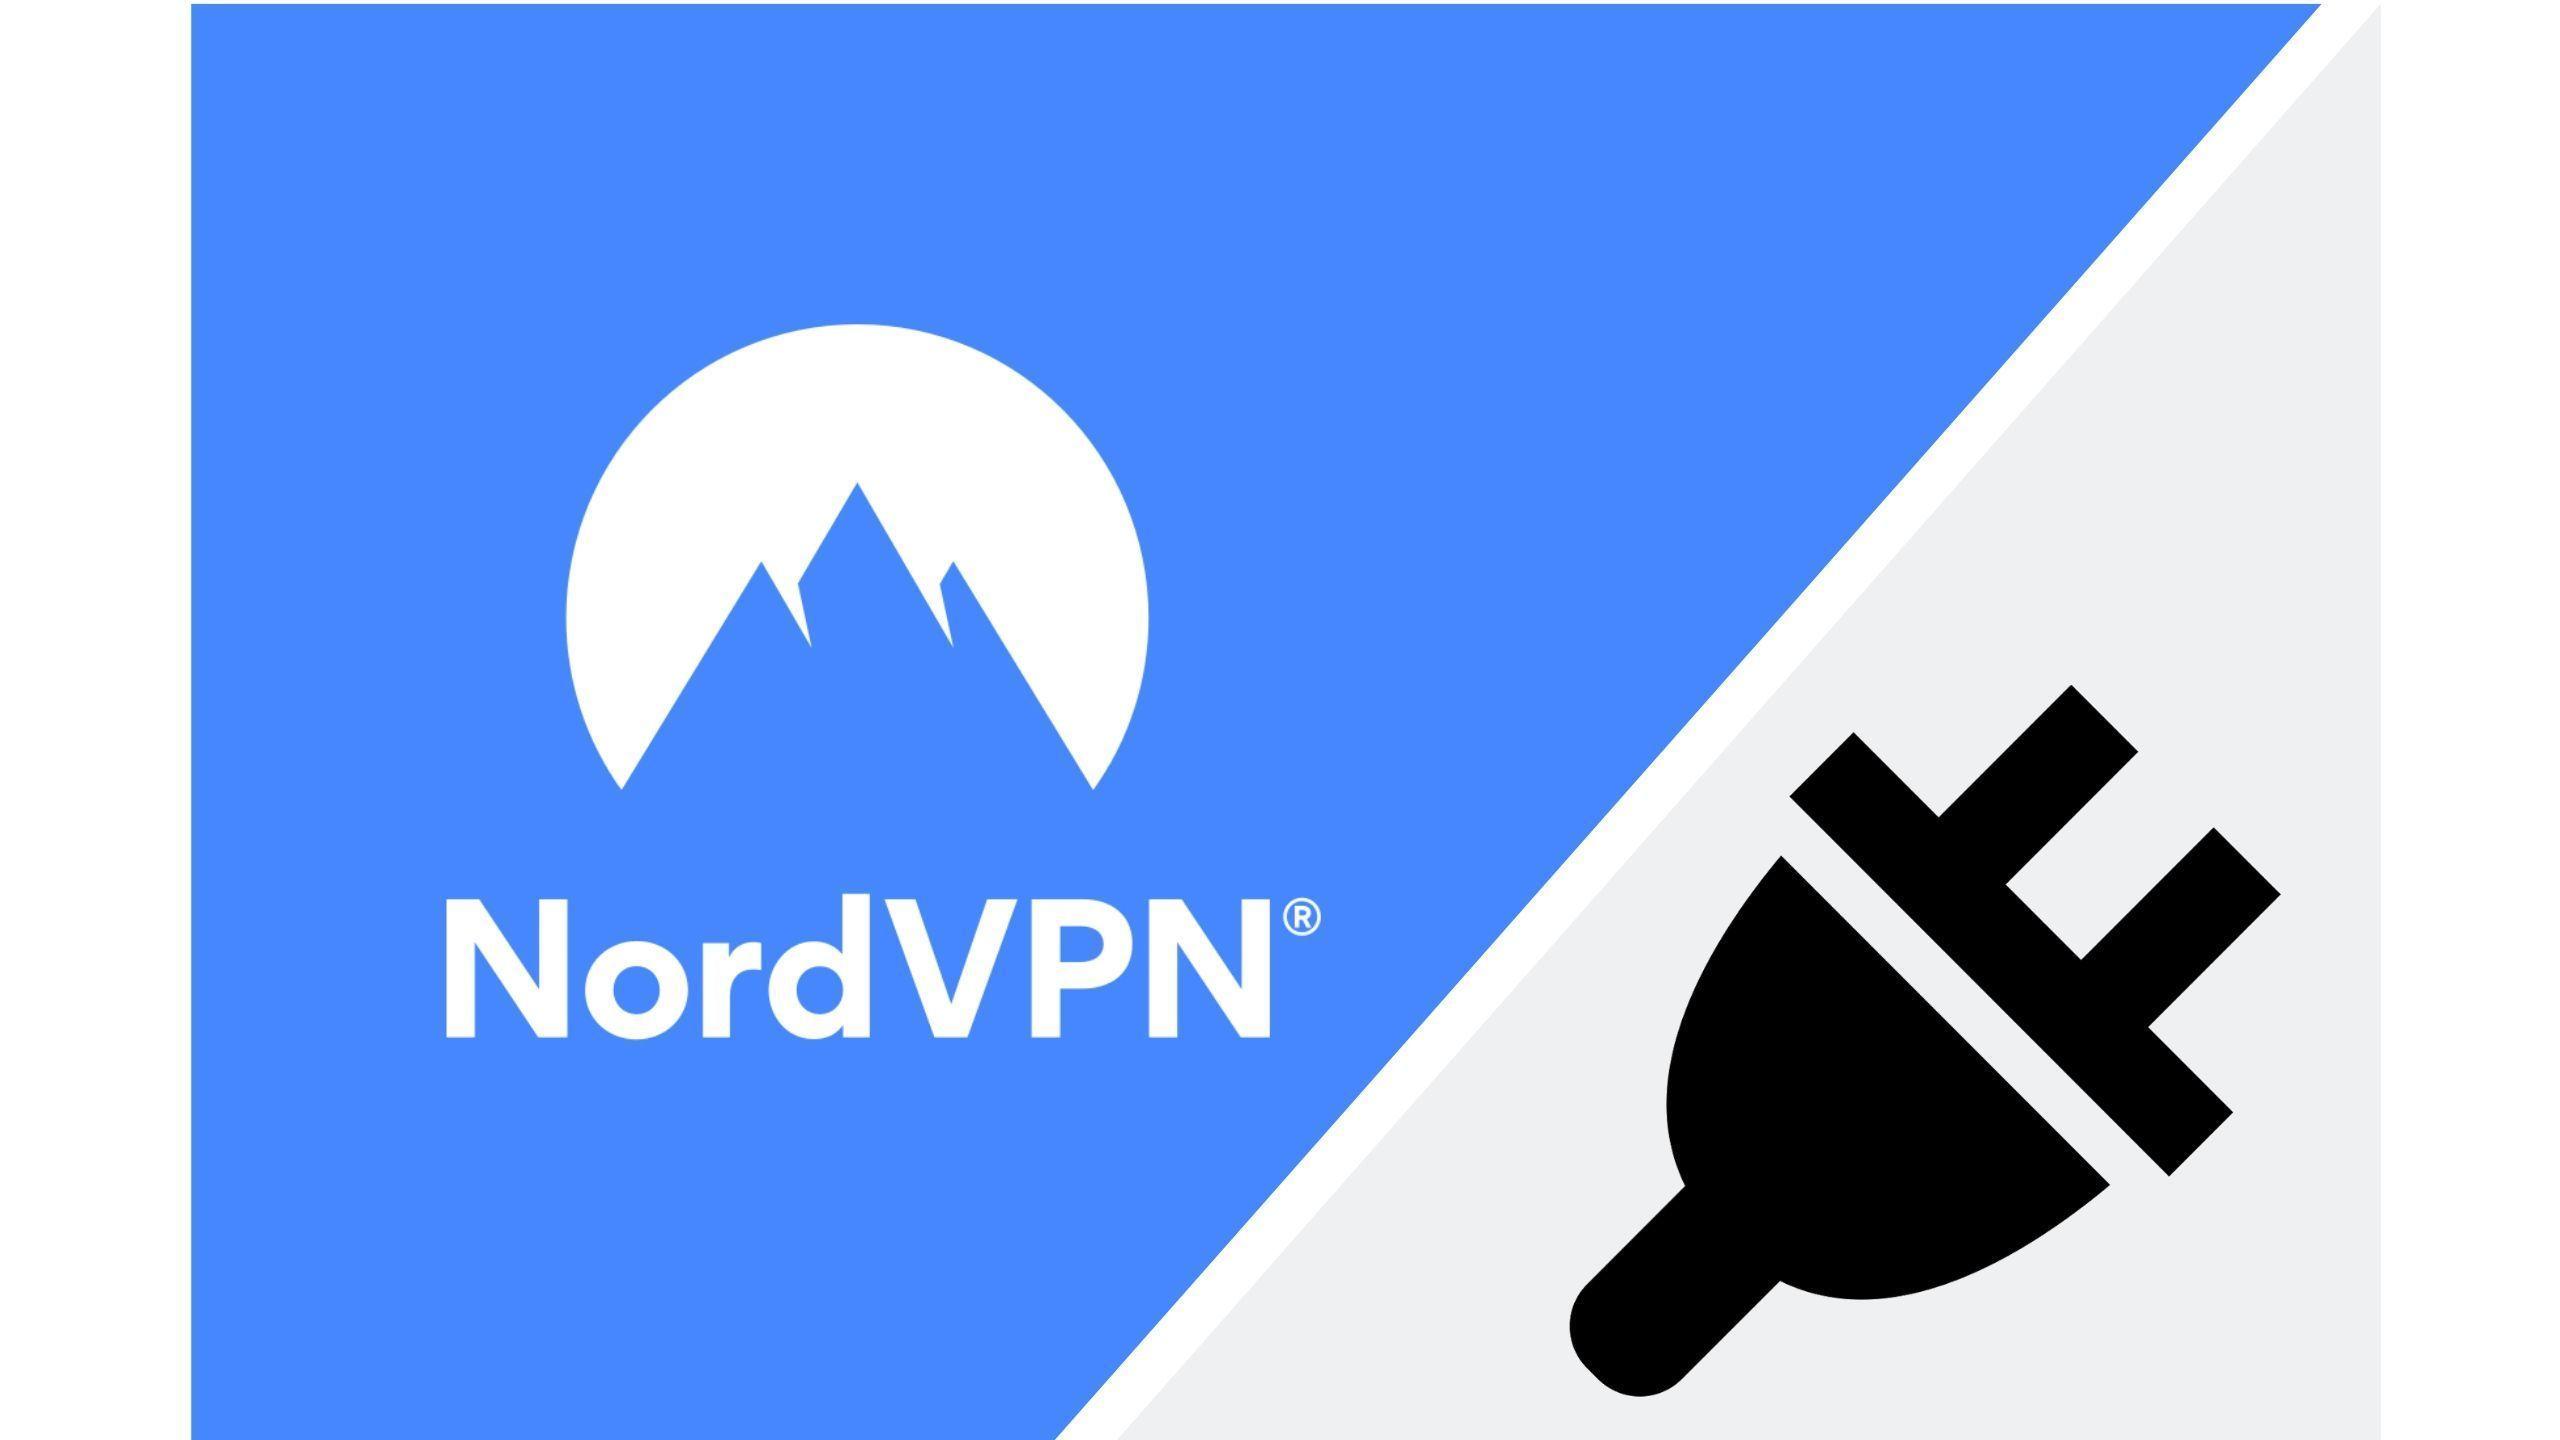 NordVPN Test 2019 - Bekannt, beliebt und gut? 41 techboys.de • smarte News, auf den Punkt! NordVPN Test 2019 - Bekannt, beliebt und gut?